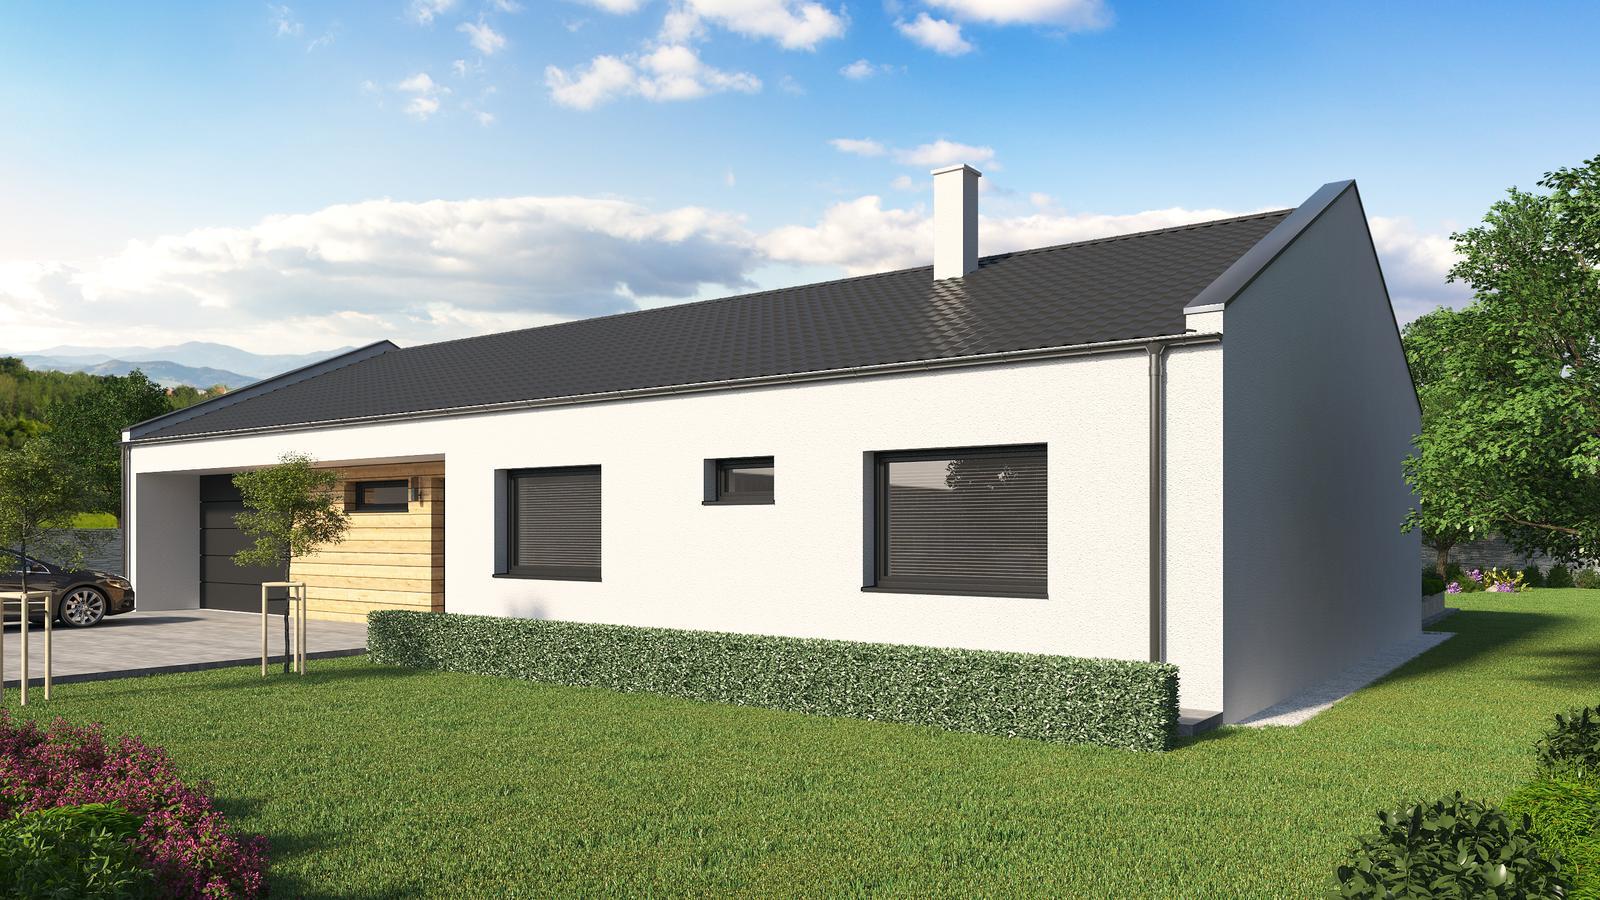 Ďalšie ukážky návrhov domčekov pre Vás - www.rodinny-dom.eu - Obrázok č. 24